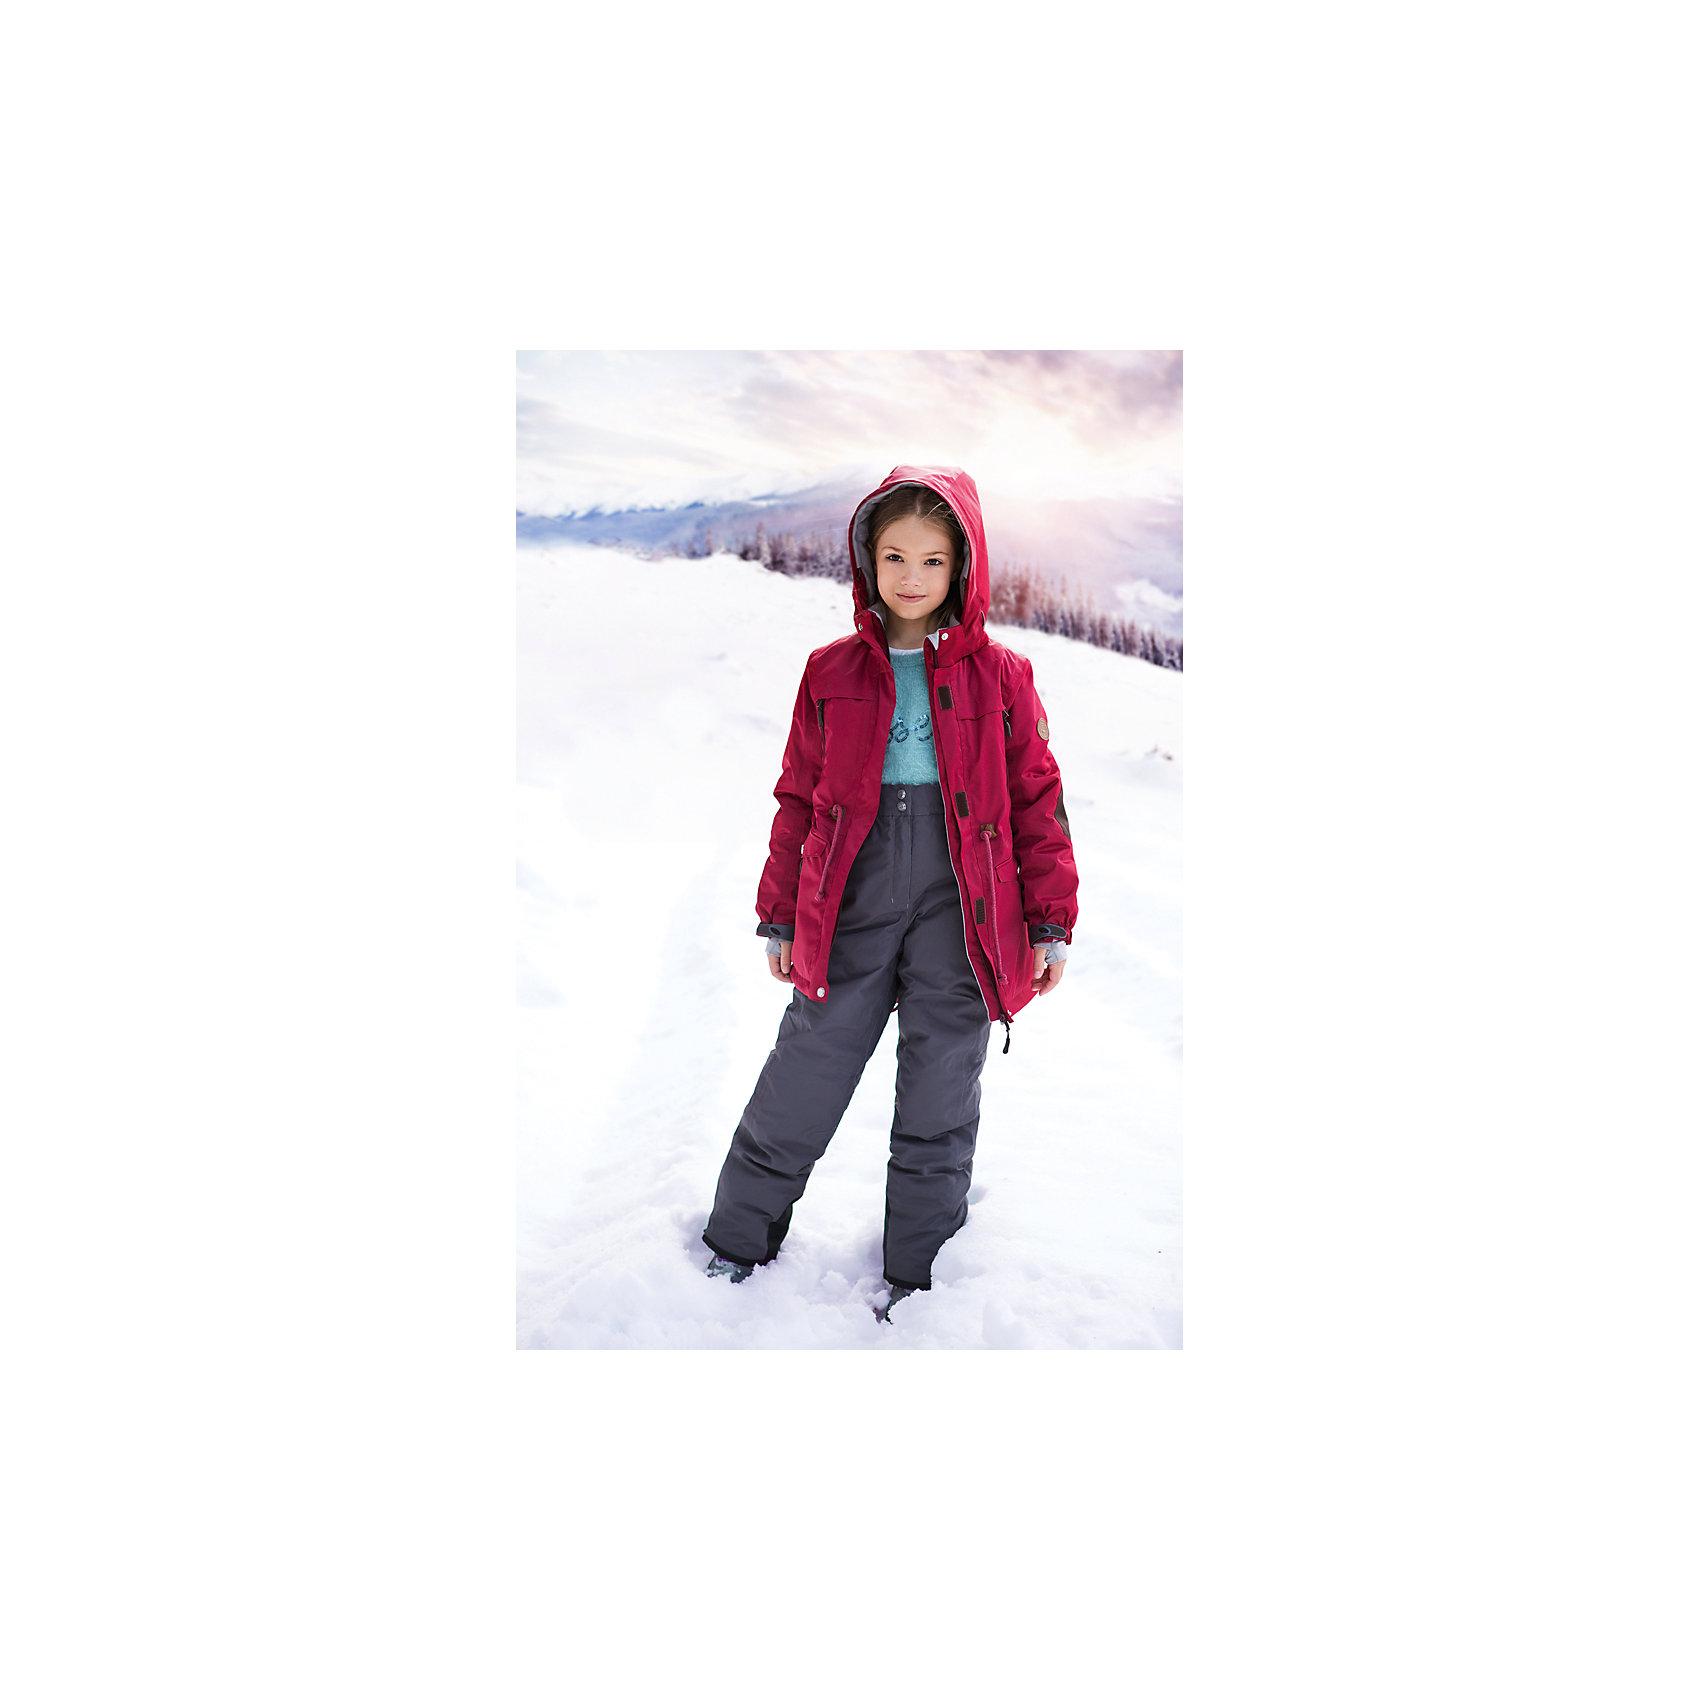 Брюки для девочки atPlay!Верхняя одежда<br>Зимой необходимо особенно тщательно подходить к подбору одежды для ребенка. Чтобы обеспечить ему тепло, сухость и комфорт, можно выбрать эти брюки, сшитые из мембранного материала.<br>Он позволяет коже дышать, помогает выводить лишнюю влагу, при этом не позволяет ребенку замерзнуть или промокнуть. Выглядит при этом модель очень симпатично! Изделие выполнено очень качественно. Фурнитура для него подбиралась с учетом особенностей детского организма. Брюки очень удобные, лямки регулируются.<br><br>Дополнительная информация:<br><br>цвет: серый;<br>материал: полиэстер, фурнитура YKK, водо- и грязеотталкивающее покрытие Teflon;<br>утеплитель: Thinsulate 150 г;<br>температурный режим: от - 25° С до +5° С;<br>капюшон;<br>паропроницаемость: 10000 г / м.куб. / 24 ч;<br>водонепроницаемость: 10000 мм / 24 ч;<br>регулируемые лямки;<br>швы проклеены;<br>защита от снега;<br>легко чистить.<br><br>Брюки для девочки от бренда atPlay! можно приобрести в нашем интернет-магазине.<br><br>Ширина мм: 356<br>Глубина мм: 10<br>Высота мм: 245<br>Вес г: 519<br>Цвет: серый<br>Возраст от месяцев: 144<br>Возраст до месяцев: 156<br>Пол: Женский<br>Возраст: Детский<br>Размер: 158,134,140,146,152<br>SKU: 4940567